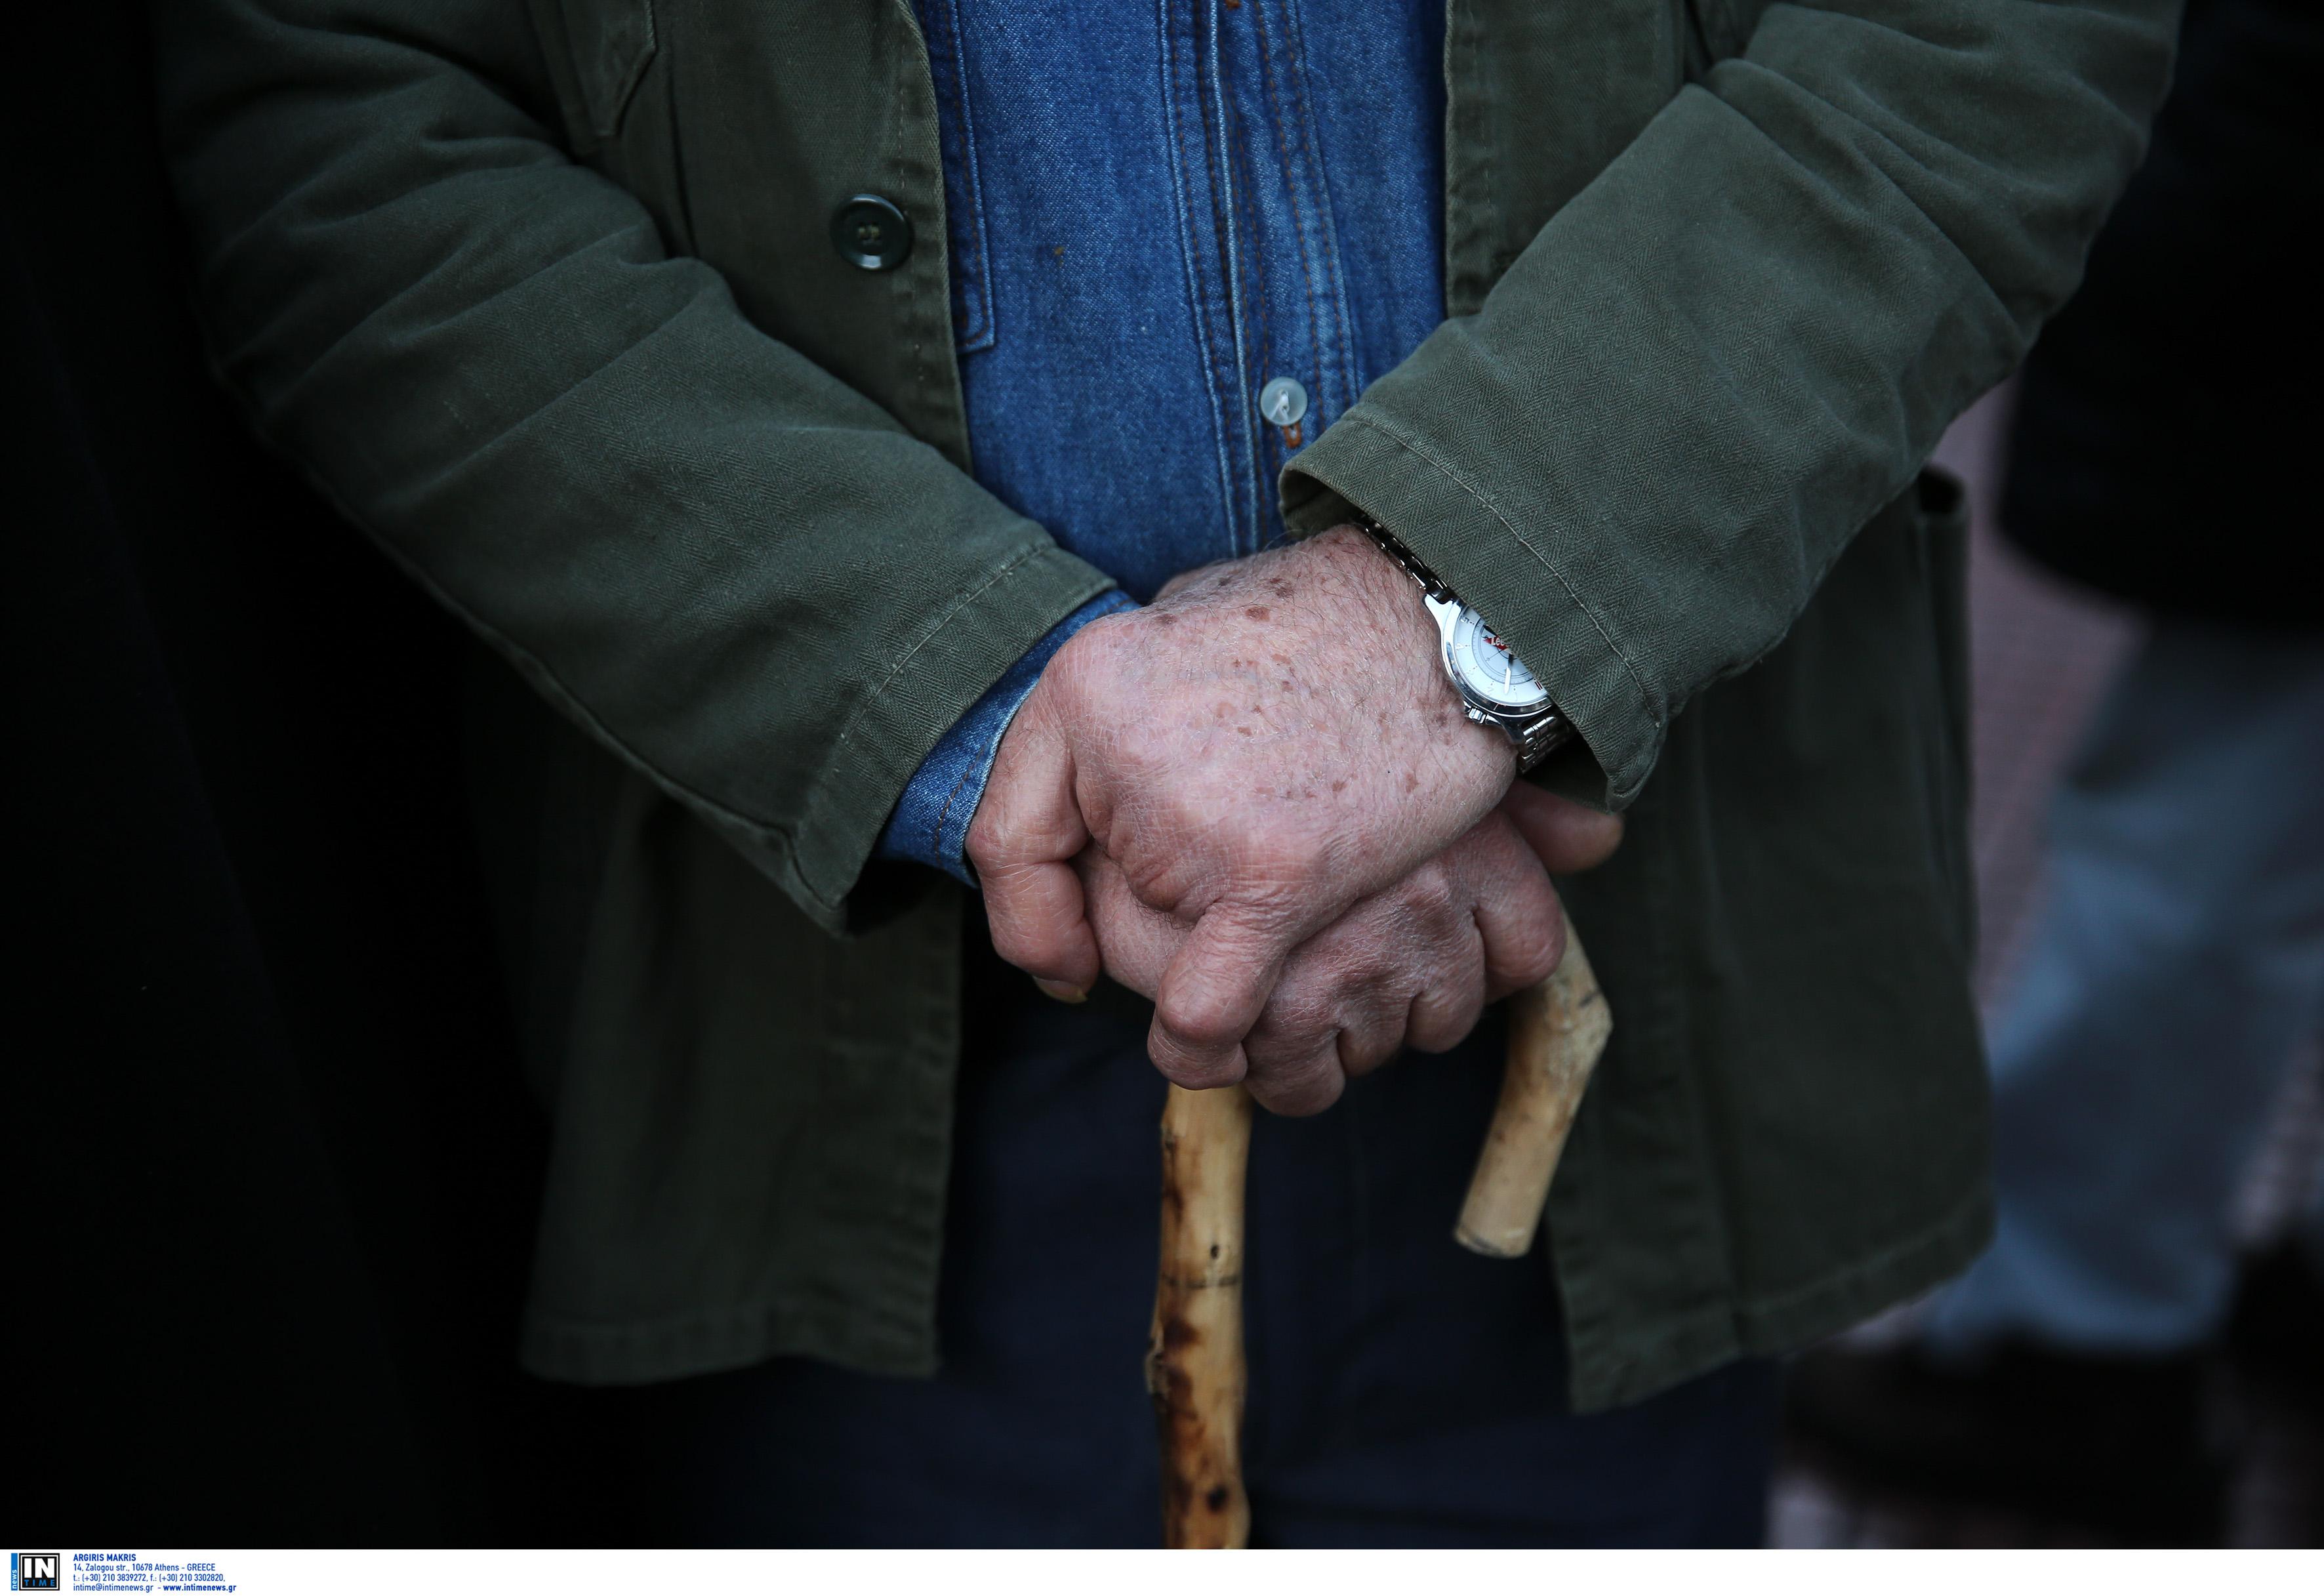 """""""Ζοφερή"""" η κατάσταση για το ασφαλιστικό στην Ελλάδα – Ούτε δύο εργαζόμενοι ανά συνταξιούχο σε λίγα χρόνια! (πίνακες)"""